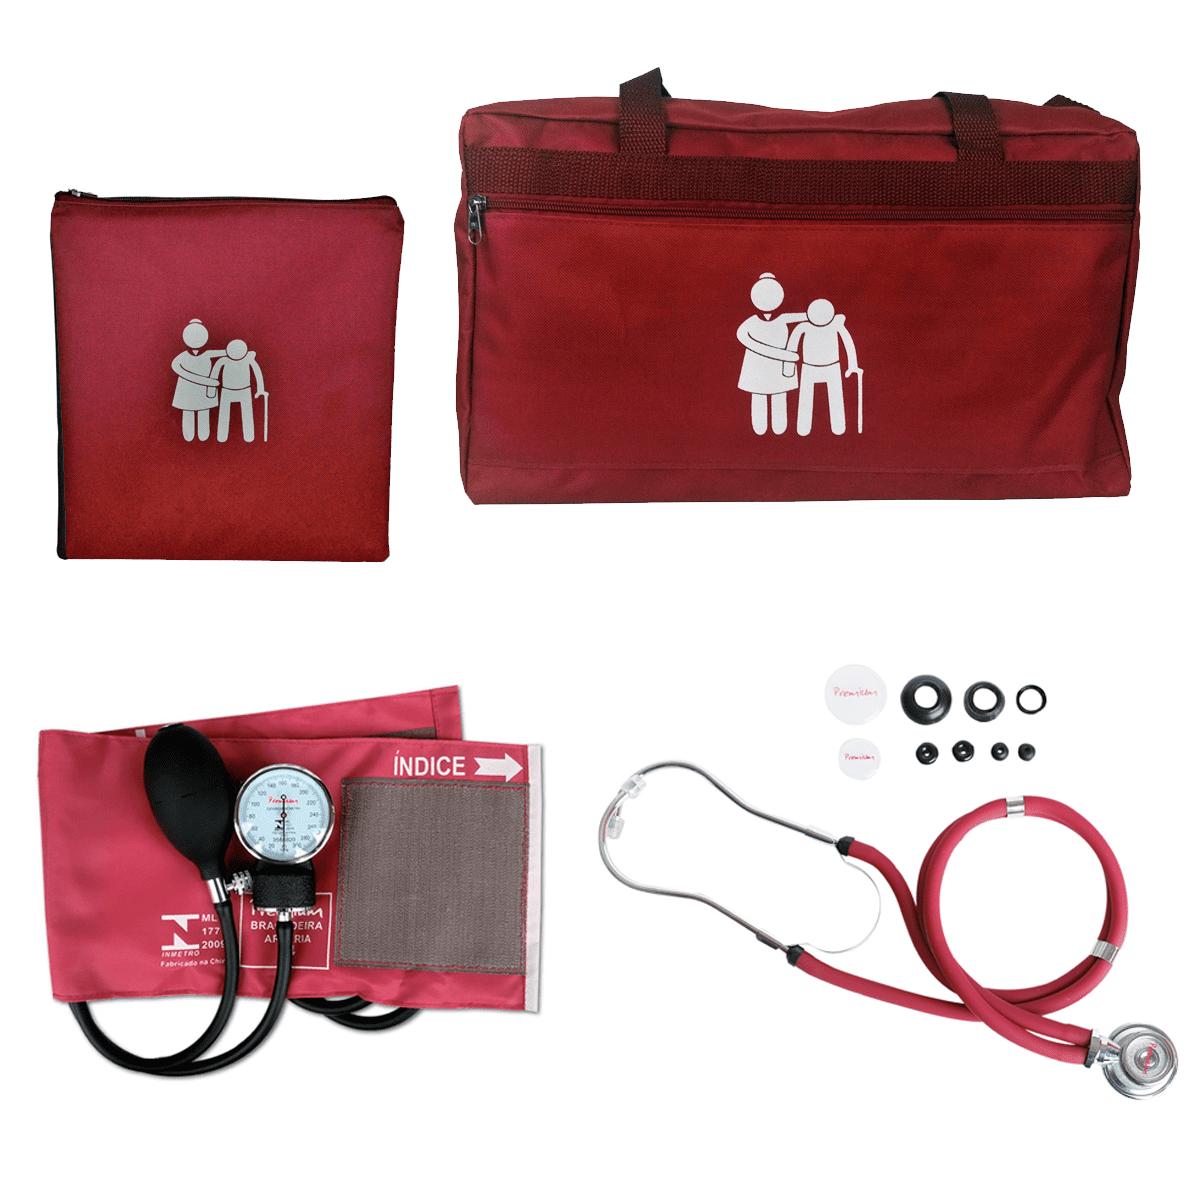 Kit Cuidador de Idosos com Bolsa, Porta Jaleco e Aparelho de Pressão Premium